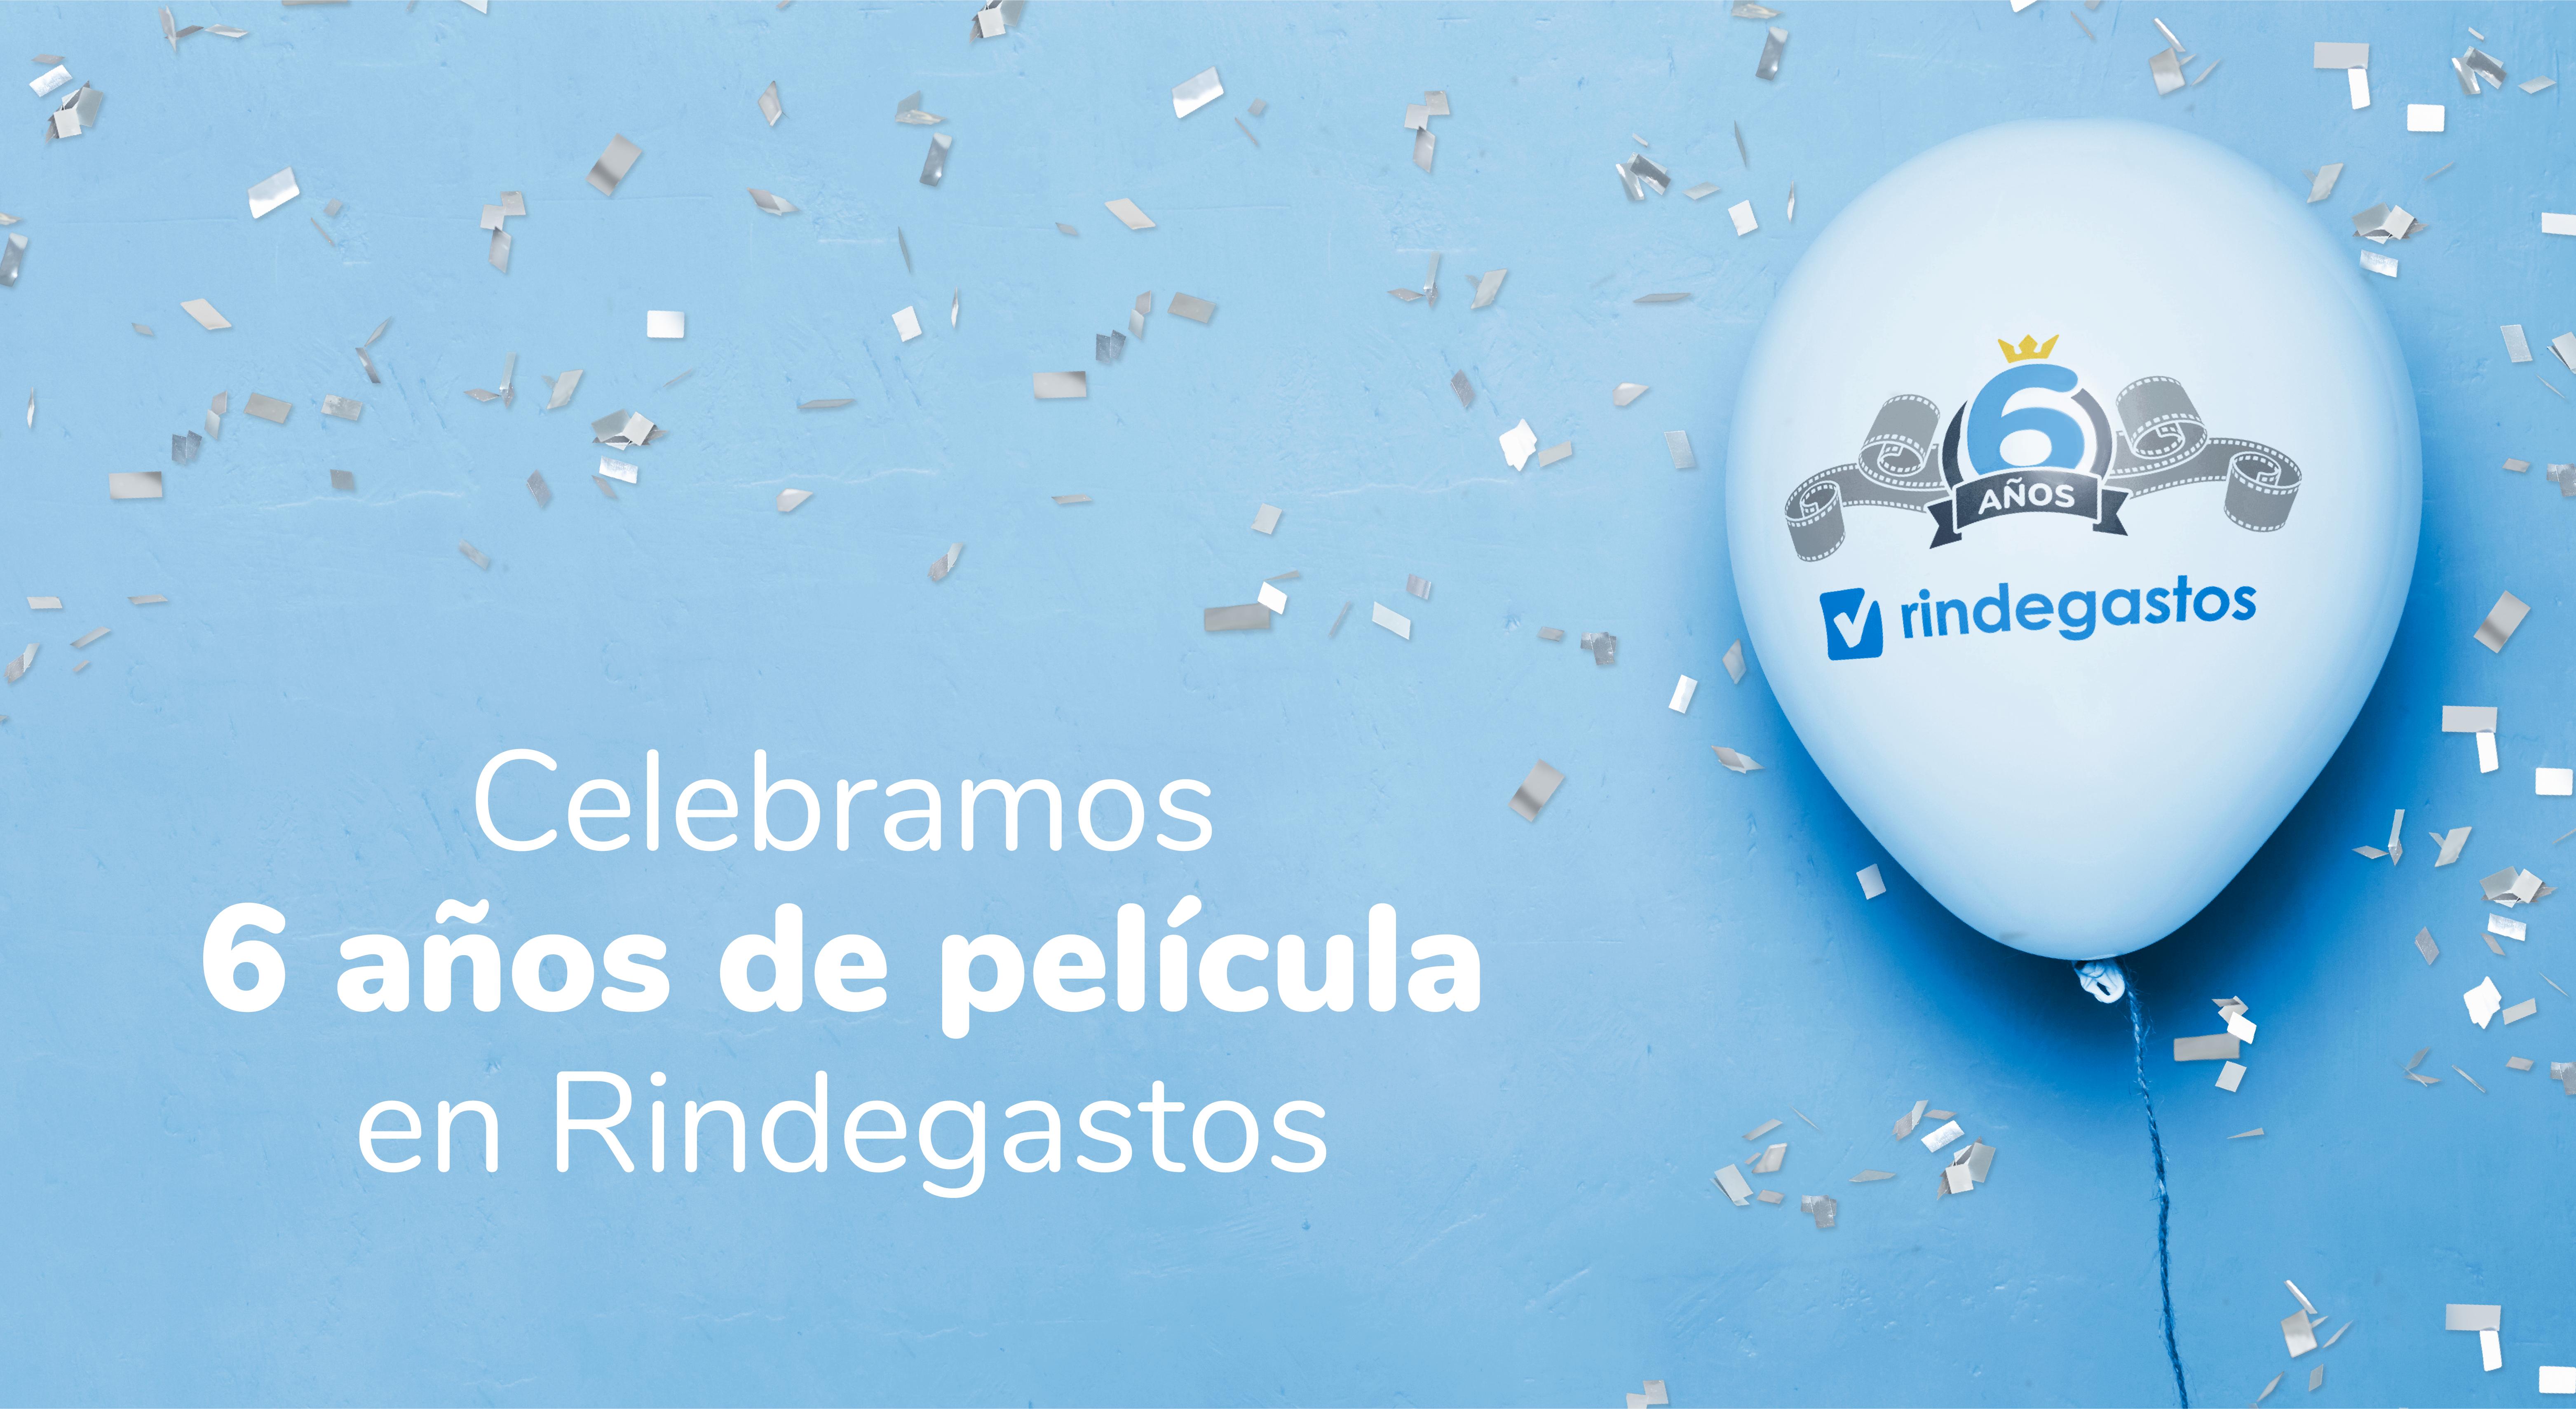 De Paymox a Rindegastos: 6 años de historia.